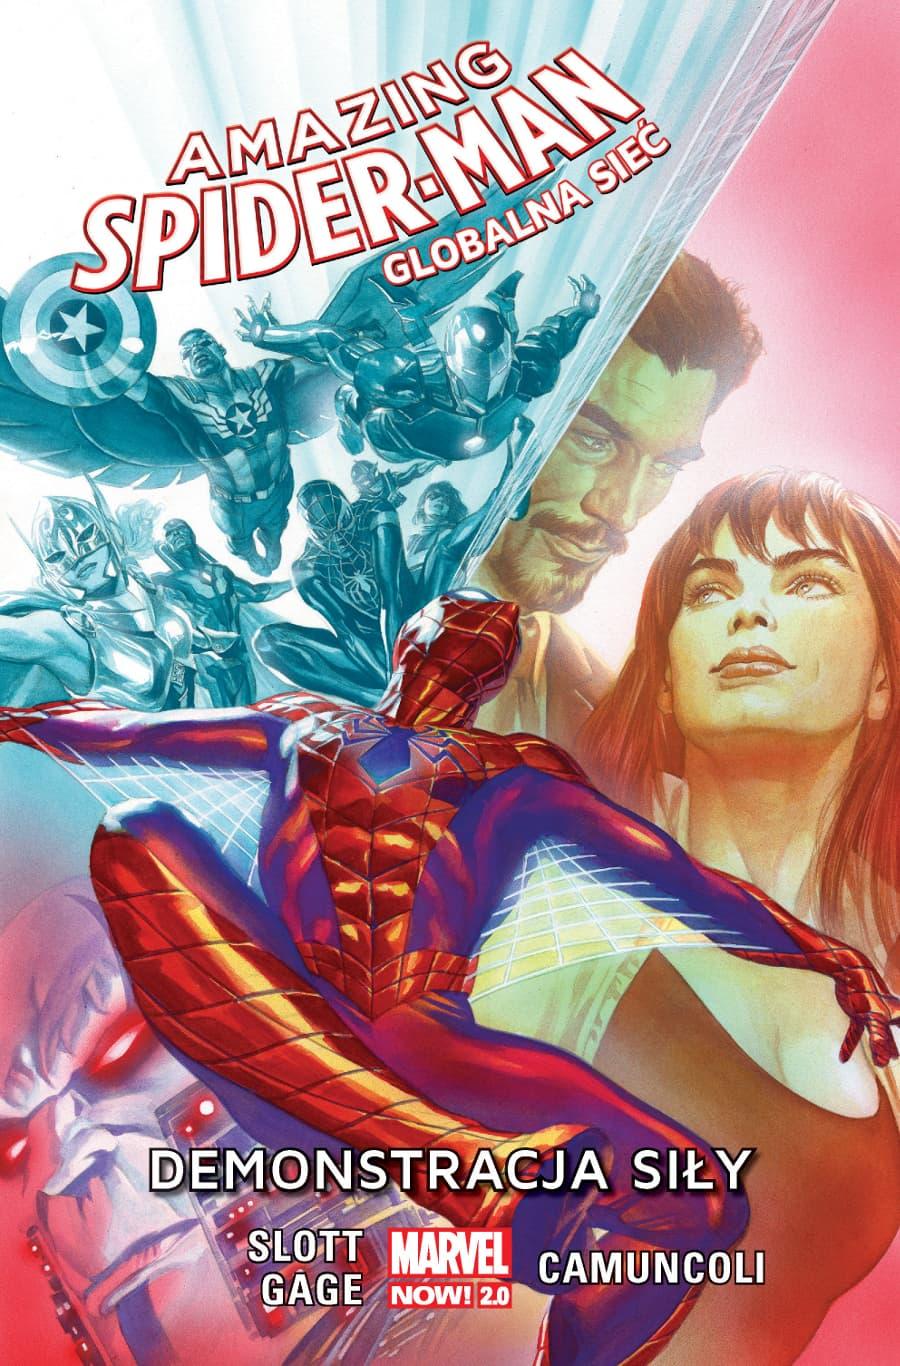 Amazing Spider-Man: Globalna sieć - Demonstracja